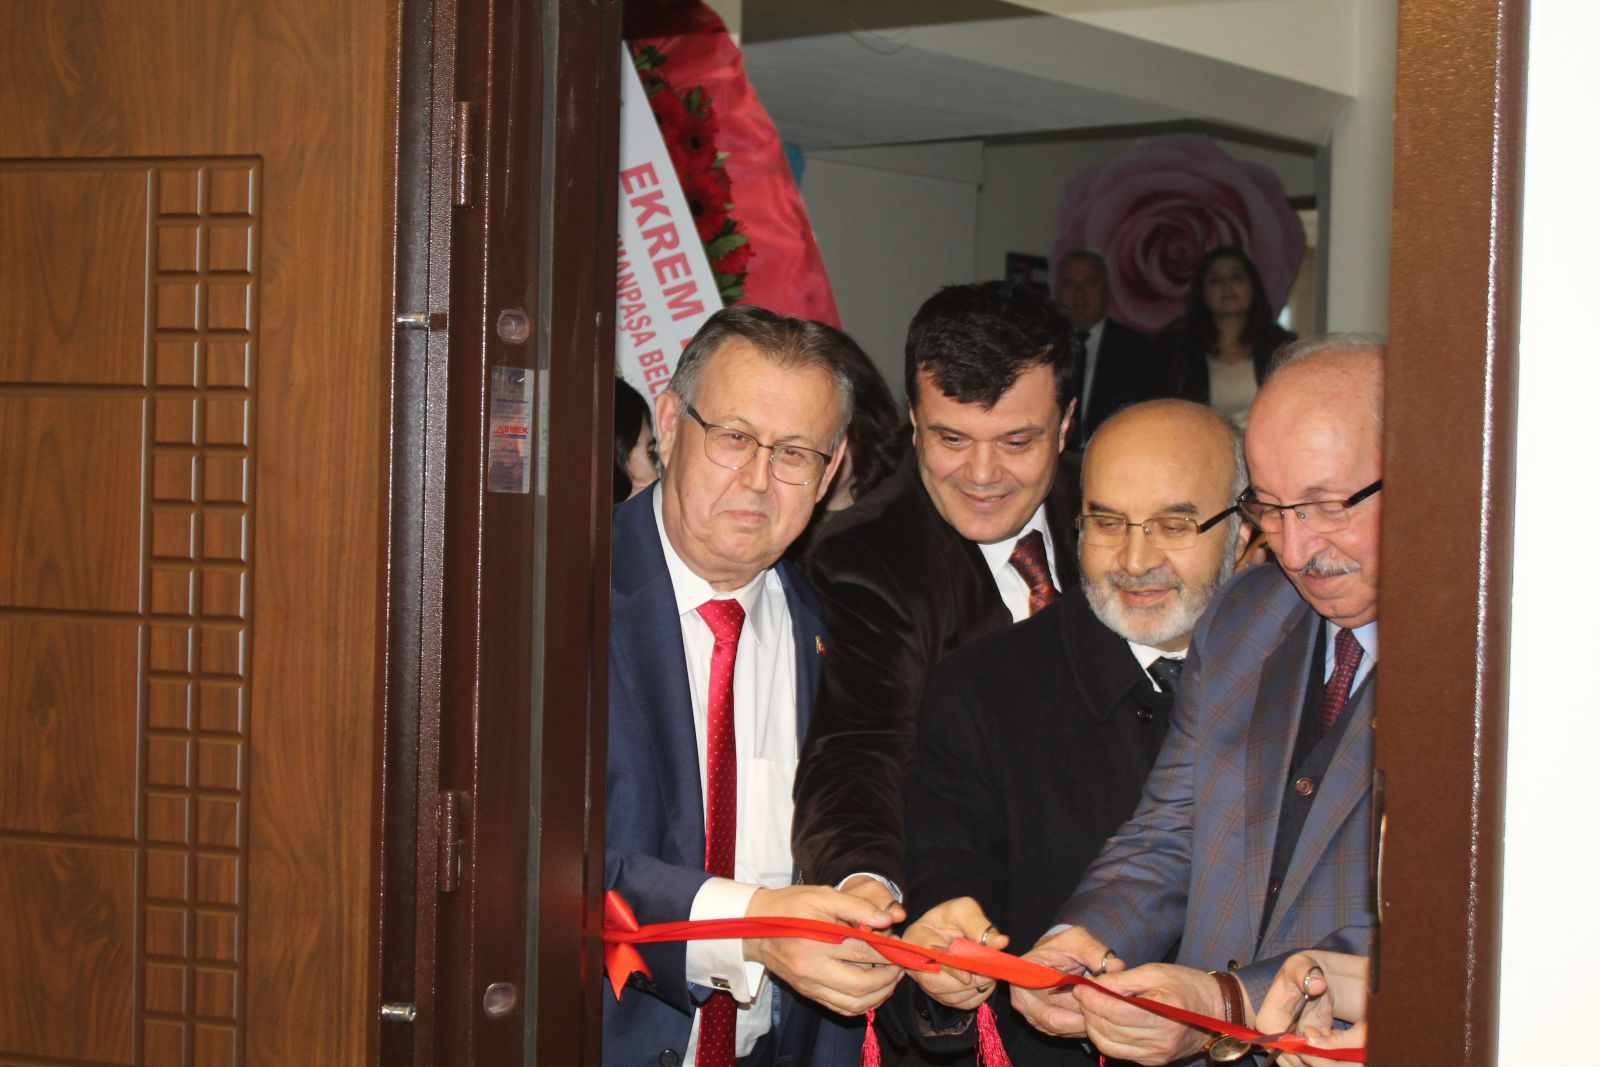 Yenilenmiş Avukatlık &Arabuluculuk Ofisi açılışı Yapıldı